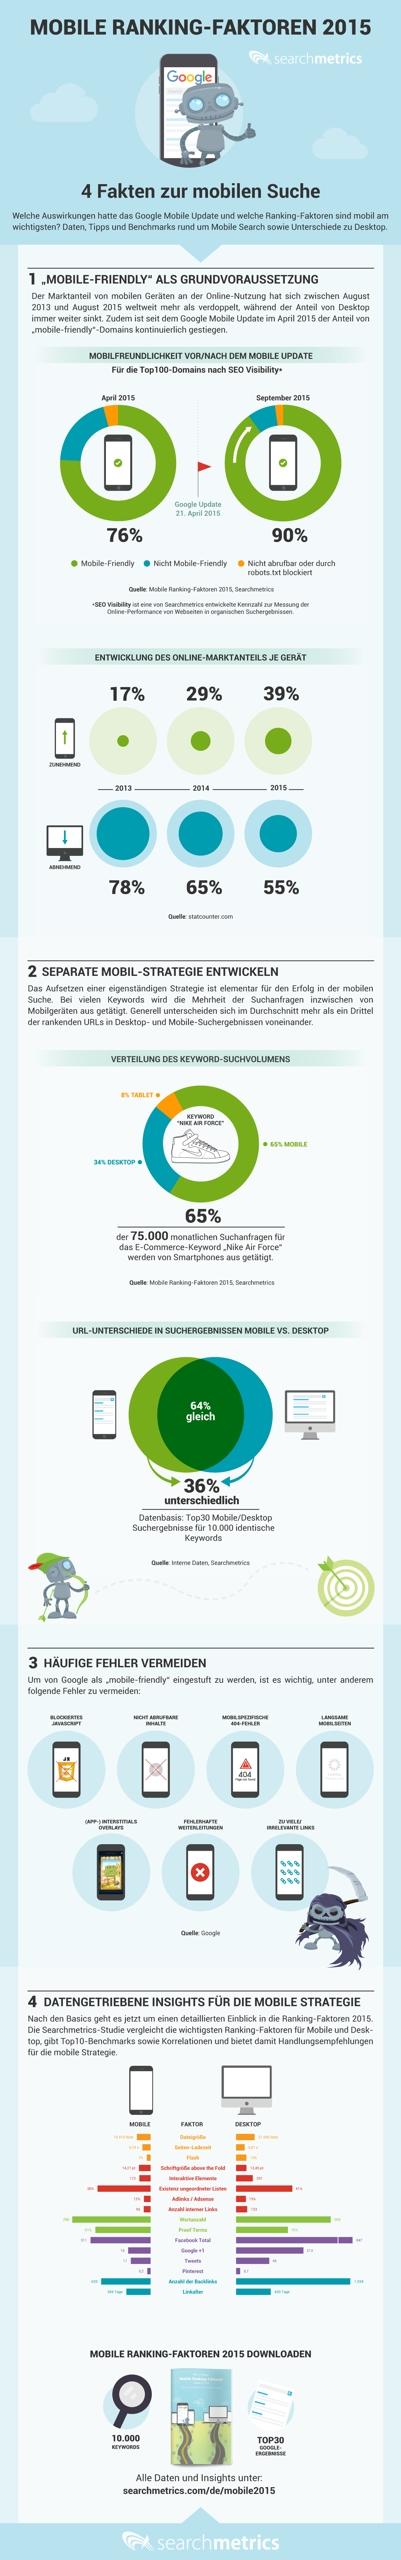 Infografik_Mobile-Ranking-Faktoren-2015_DE